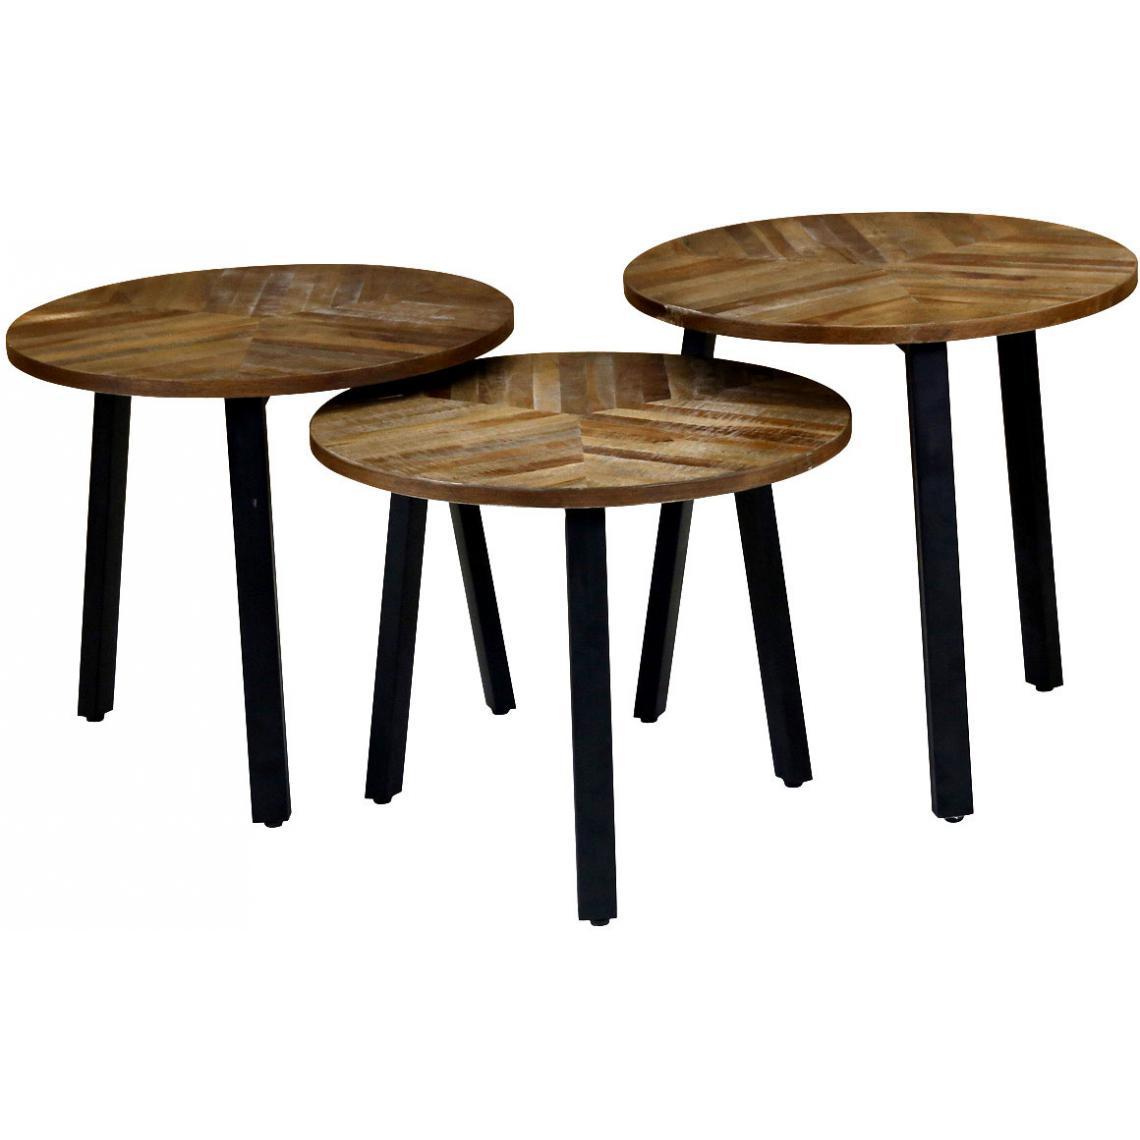 Set de 3 tables gigognes rondes en teck marron et noir bechir 3 suisses - Les trois suisses meubles ...